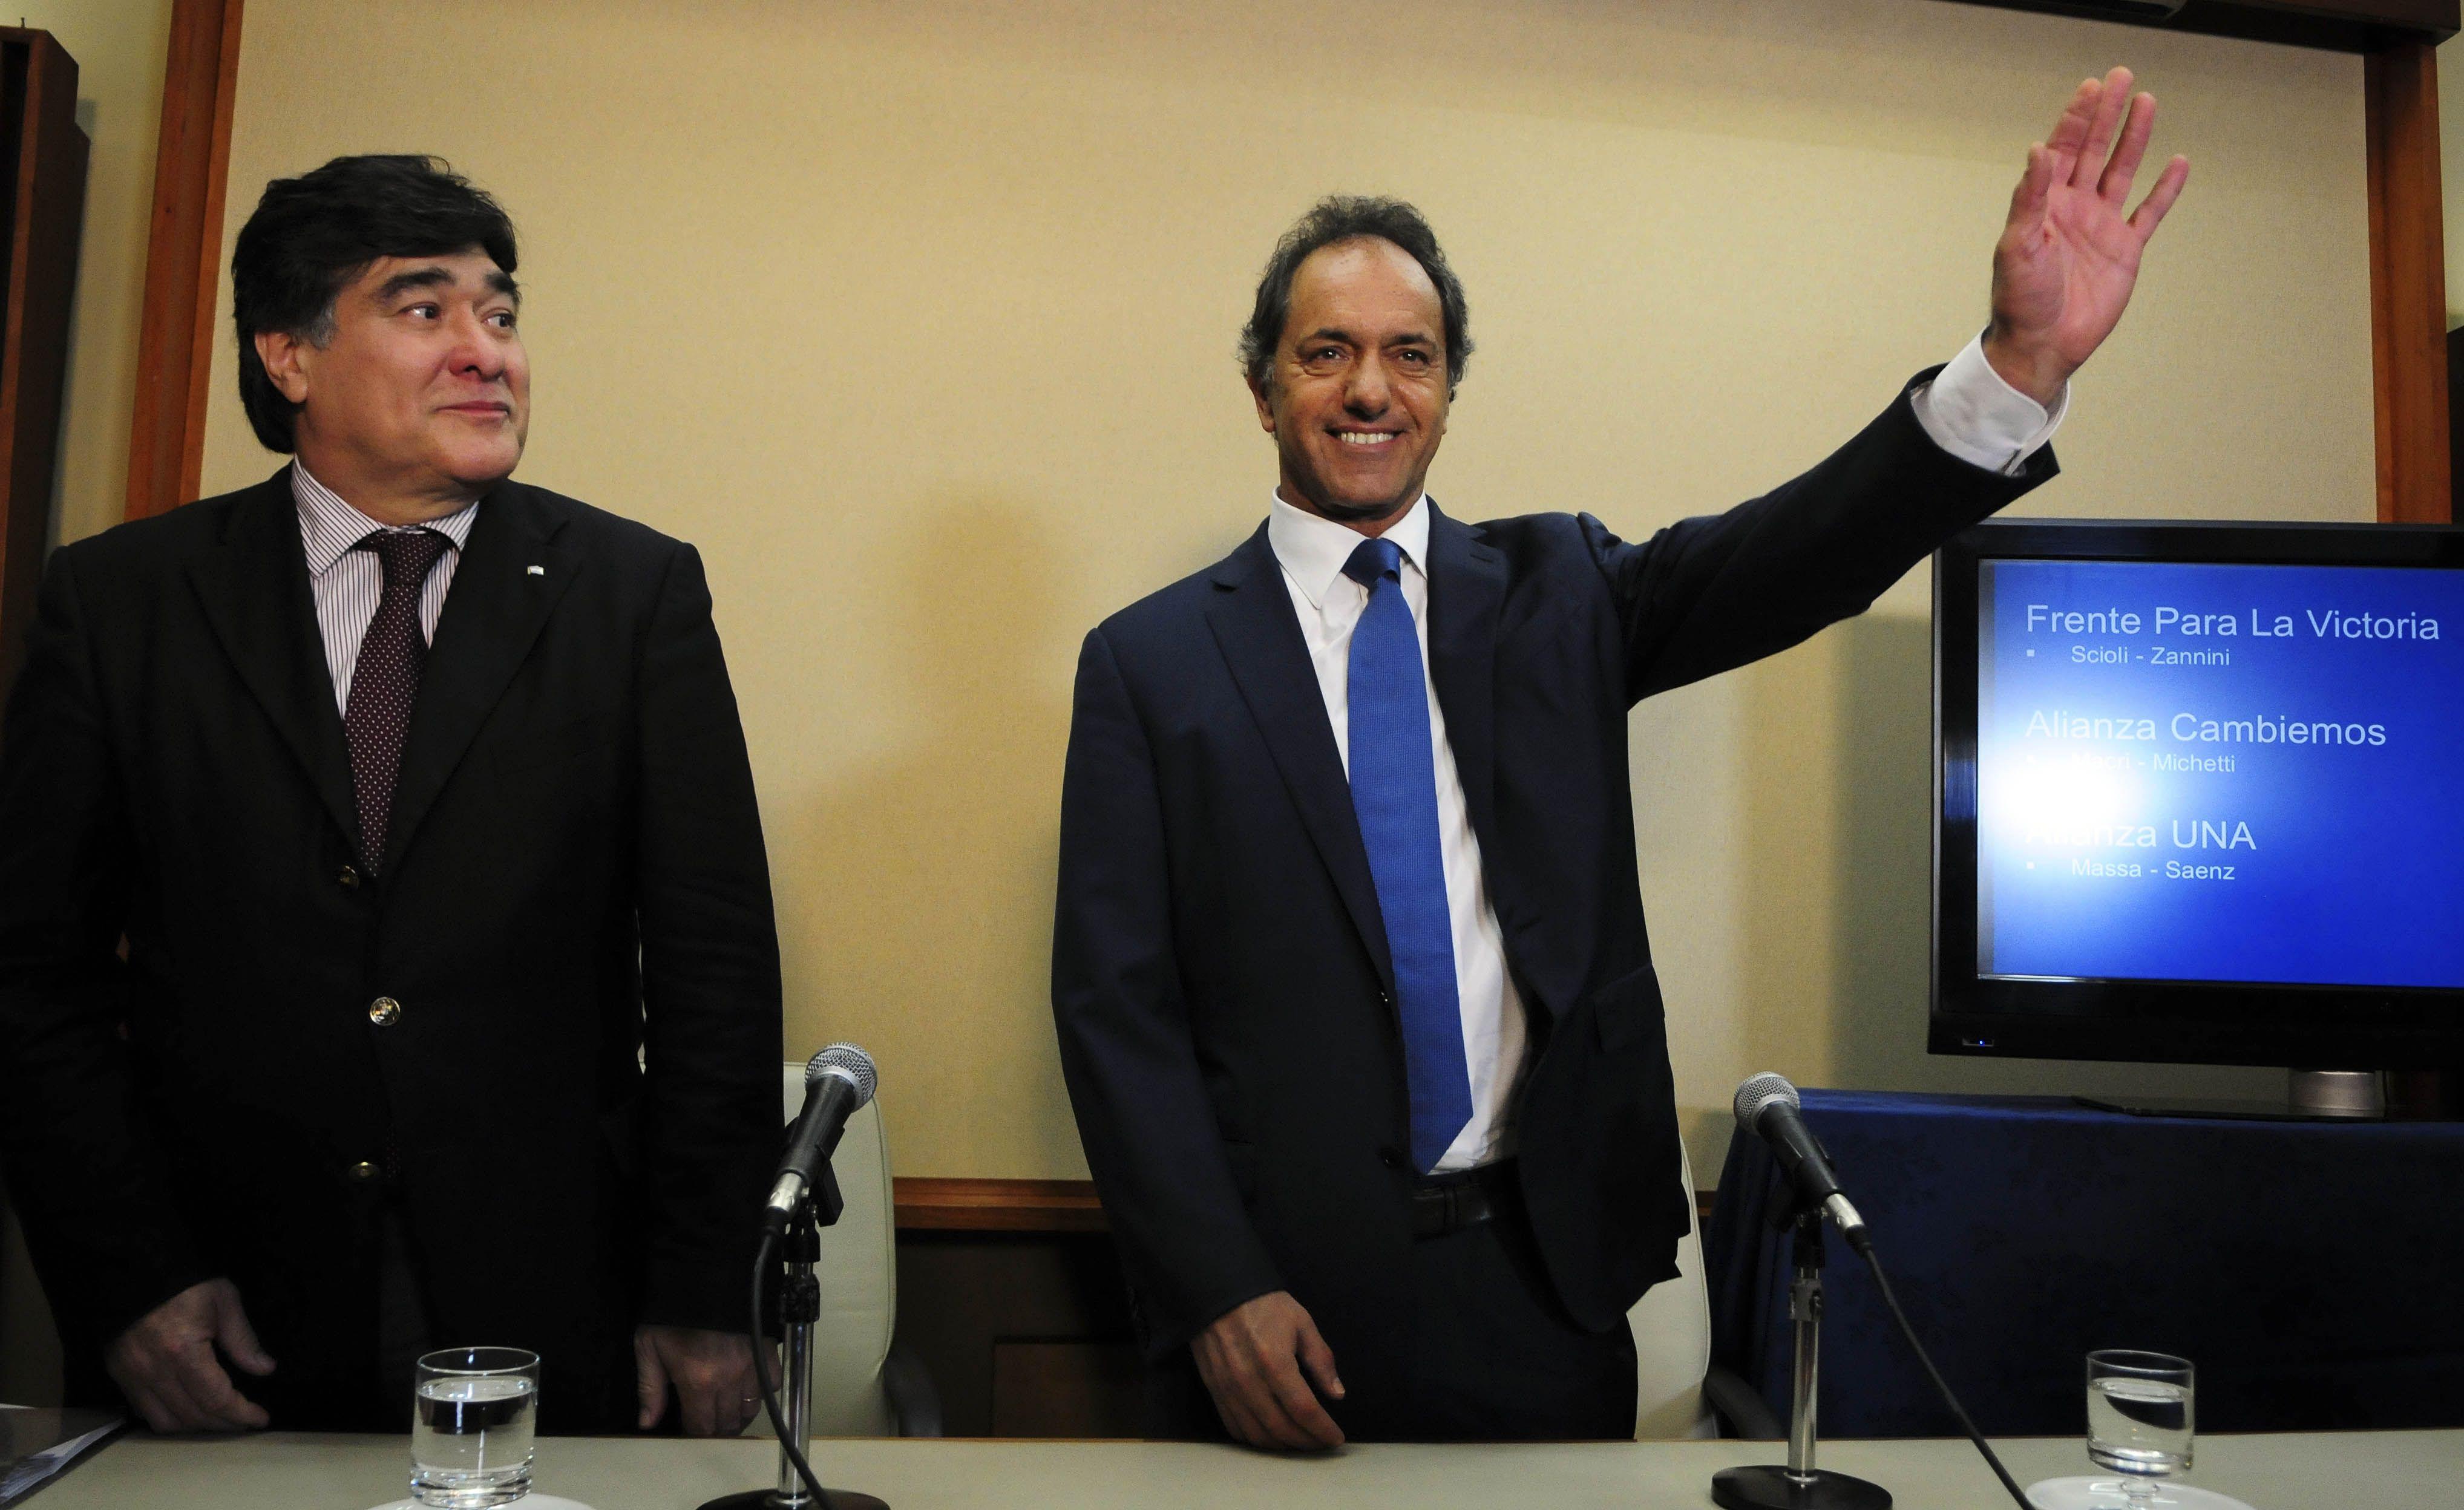 La precandidatura presidencial de Daniel Scioli por el Frente para la Victoria cosechó 8.424.749 votos.